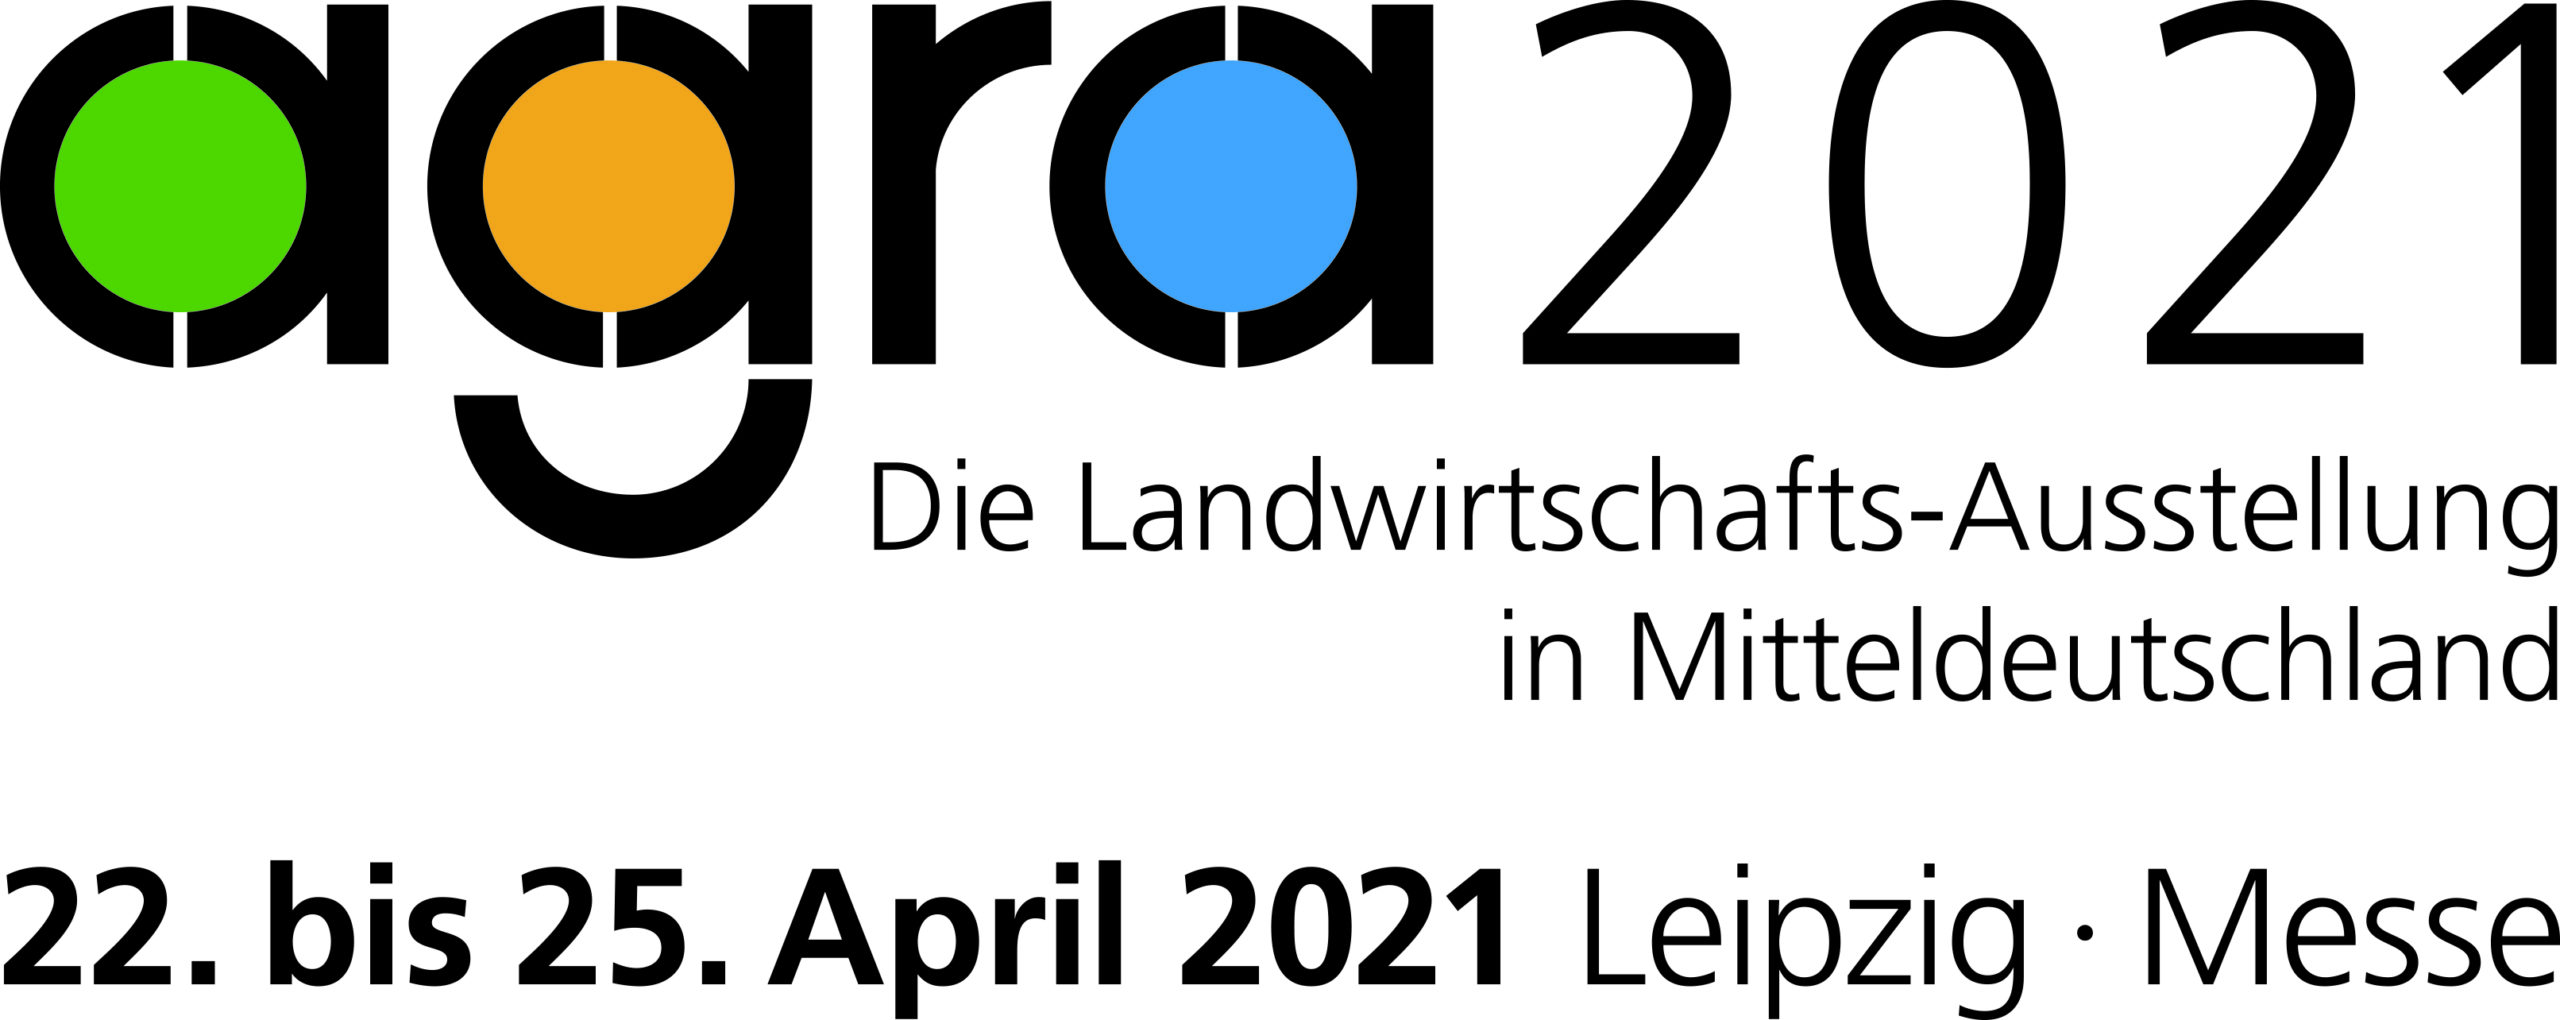 AGRA_2021_Logo_mit_Datum_4c